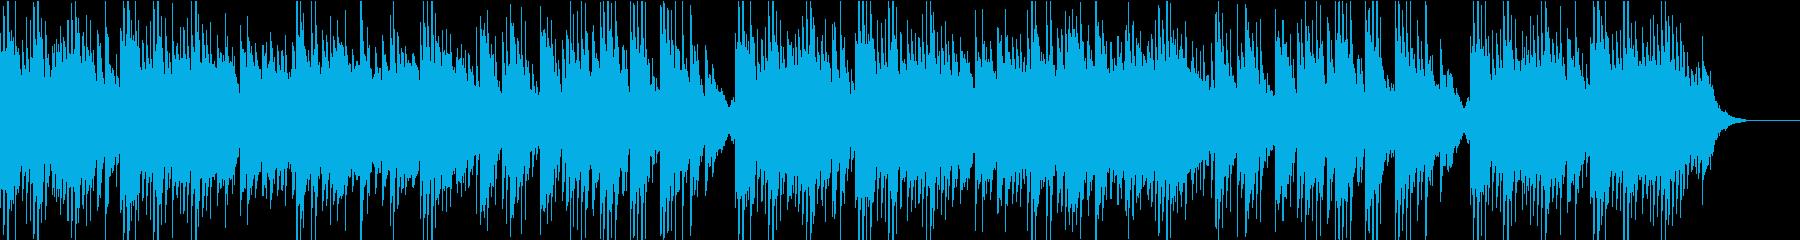 和風テイストで穏やかなBGMの再生済みの波形